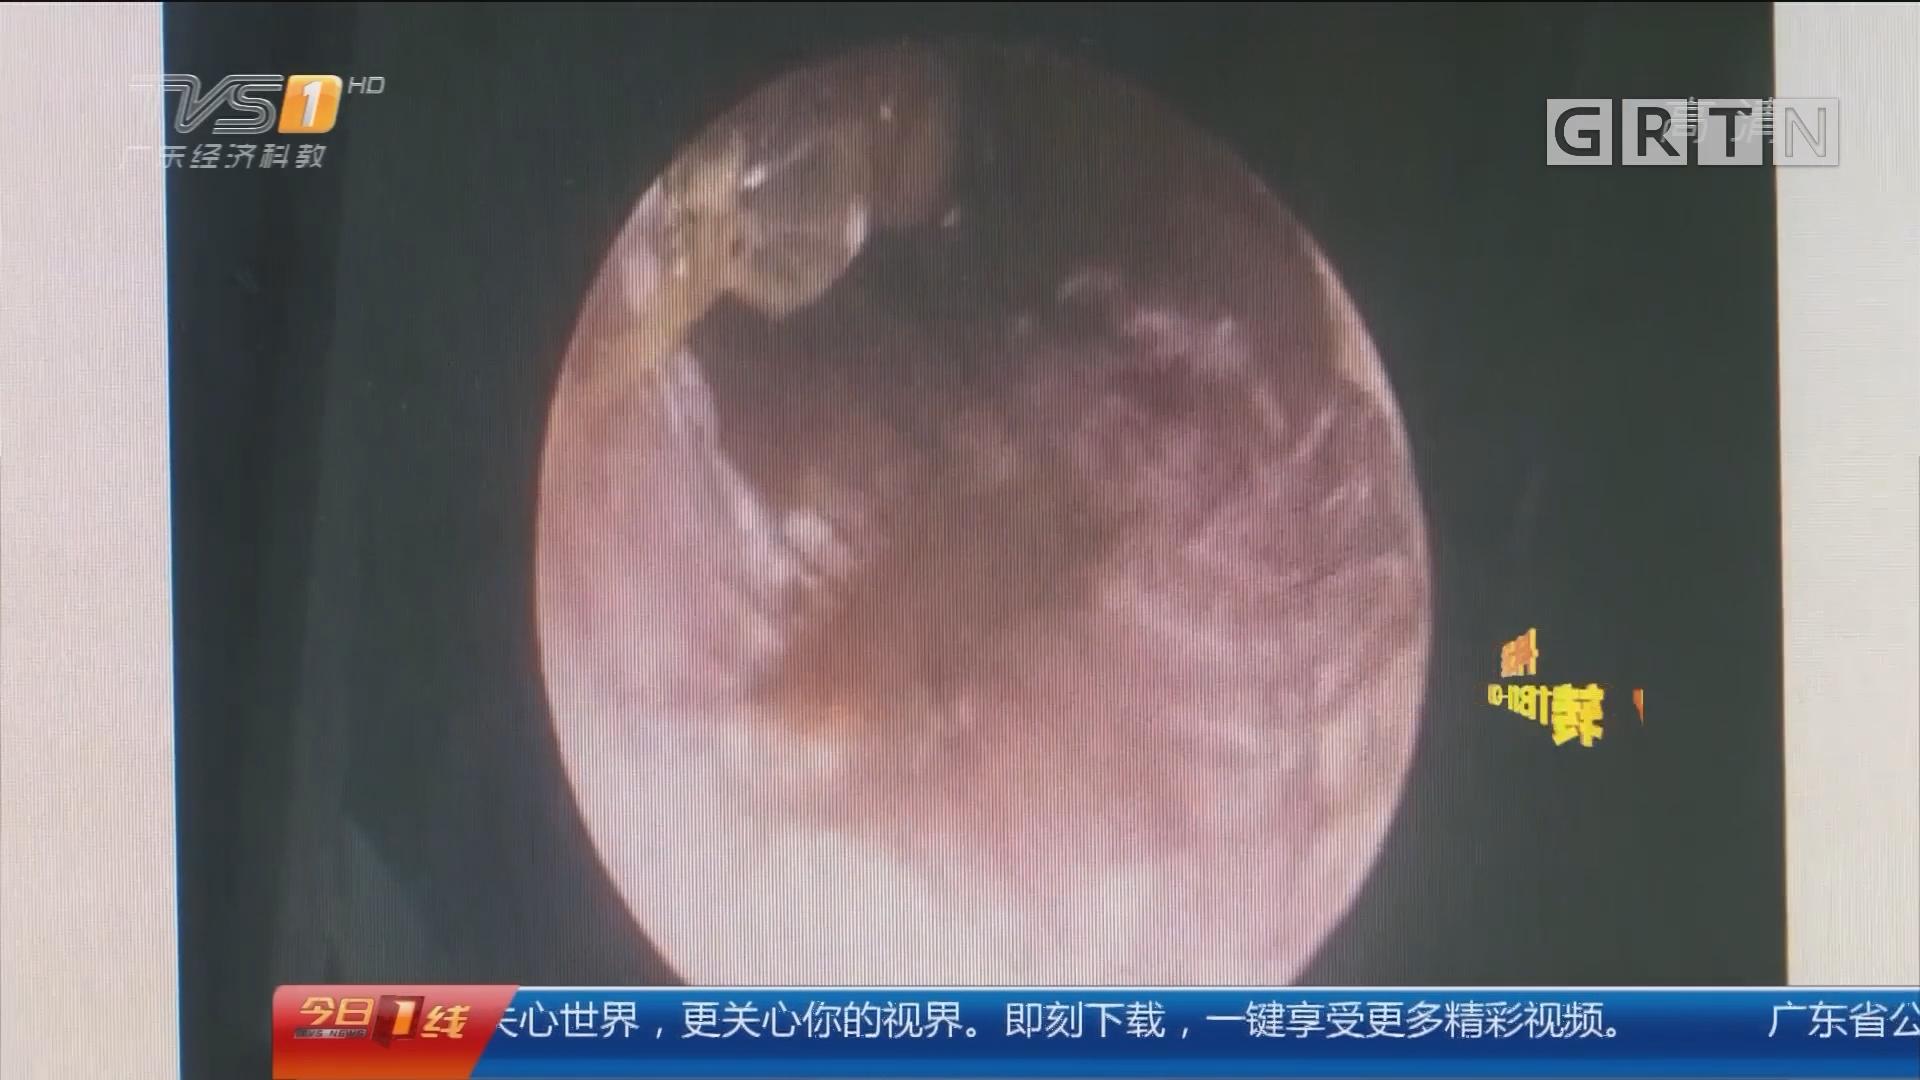 深圳:吓人!2厘米长蟑螂半夜爬入耳朵